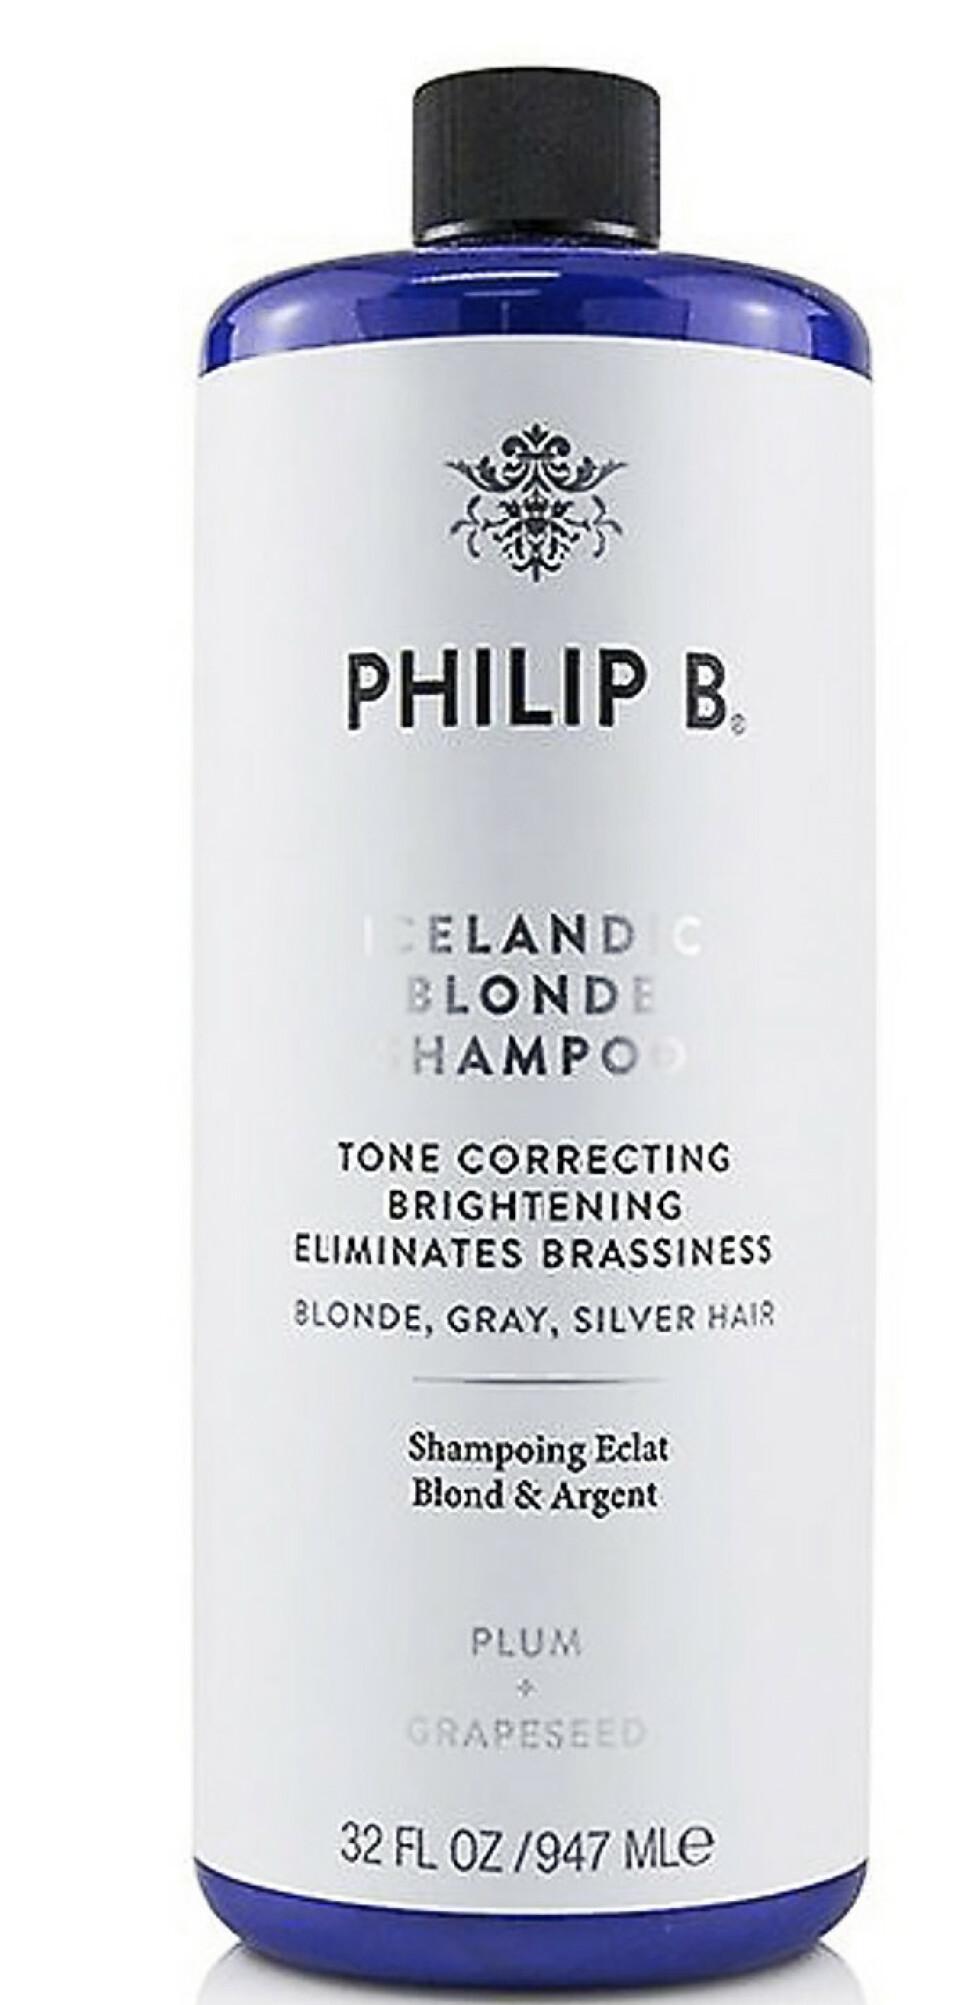 Blåsjampo for å fjerne gulstikk og gjøre fargen kald. Stor flaske (kr 1250, Philip B, Icelandic Blonde).